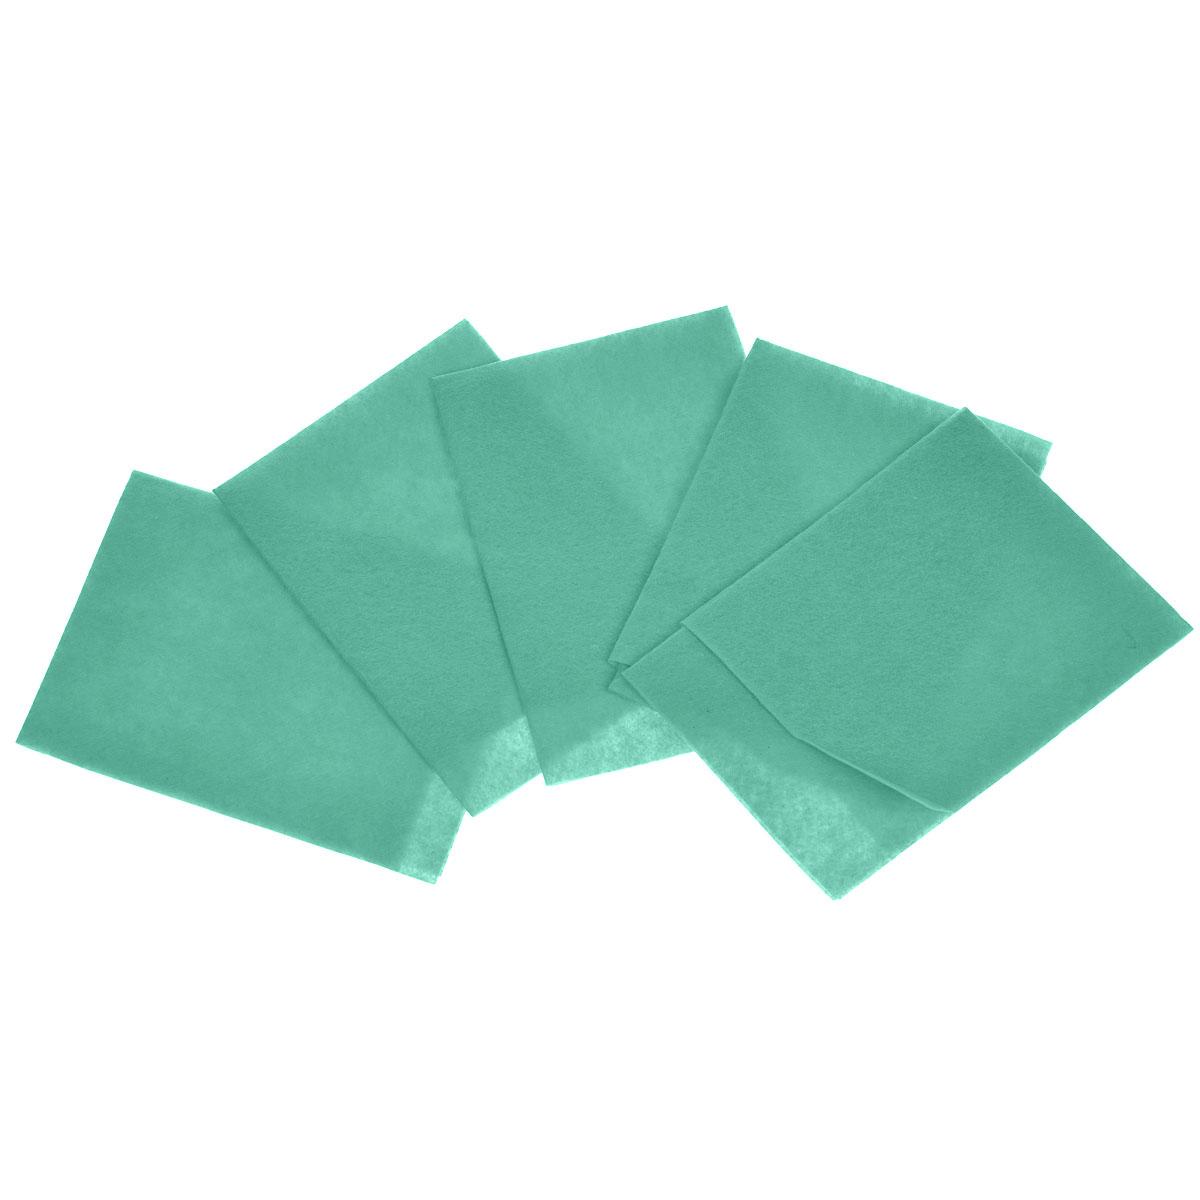 Салфетка вискозная Home Queen, цвет: зеленый, 30 см х 38 см, 5 шт57118зеленыйСалфетка вискозная Home Queen изготовлена из высокопрочного нетканого полотна. Хорошо впитывает влагу, не оставляет разводов. Может использоваться как с моющими средствами, так и без них. Долговечна в эксплуатации. Подходит для любых поверхностей. Легко отжимается. Материал: нетканое полотно (65% вискоза, 35% полиэстер). Размер салфетки: 30 см х 38 см. Комплектация: 5 шт.